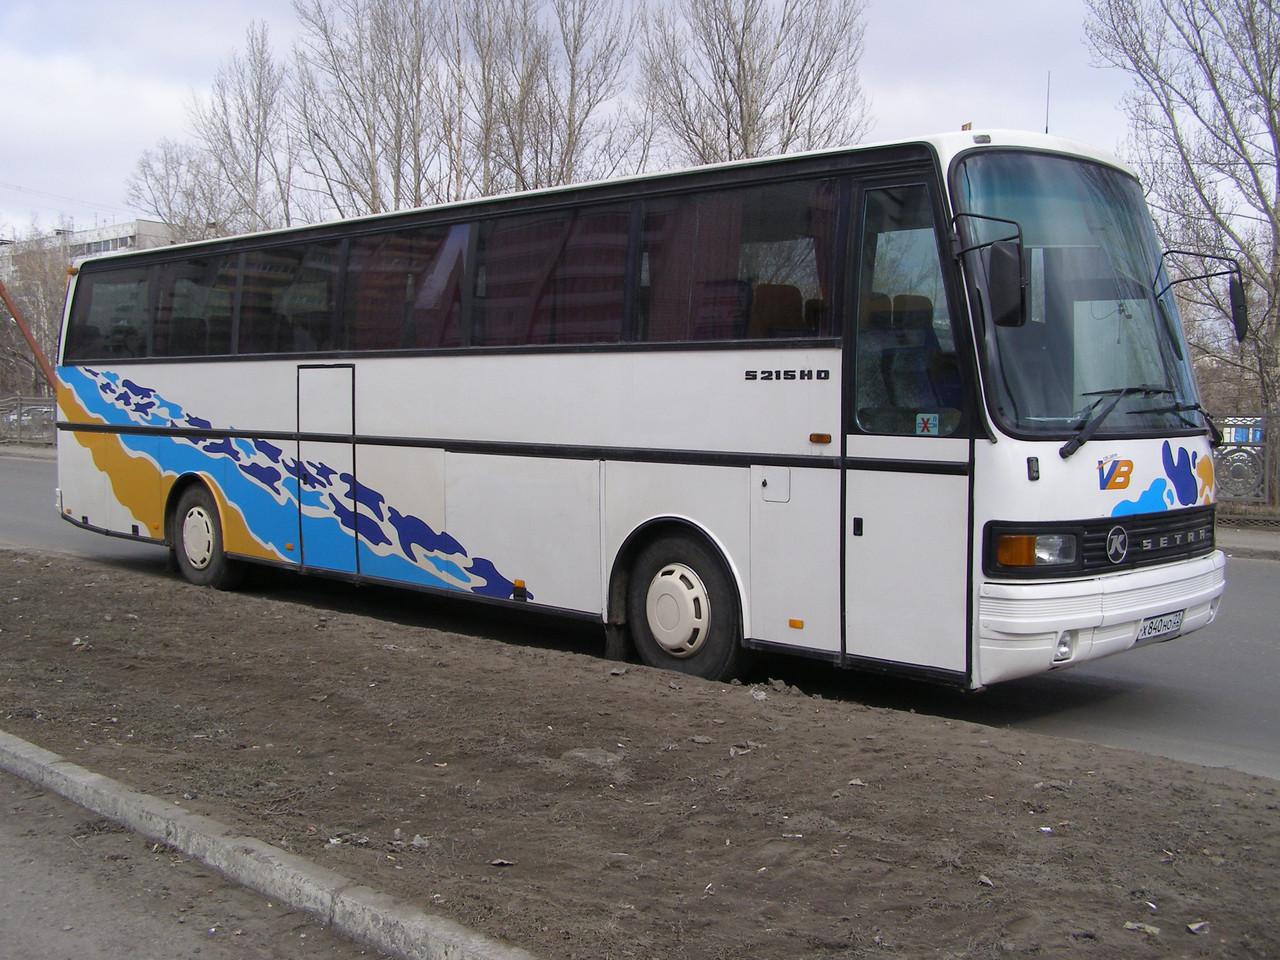 Стоимость билета на поезд с днепропетровска в москву